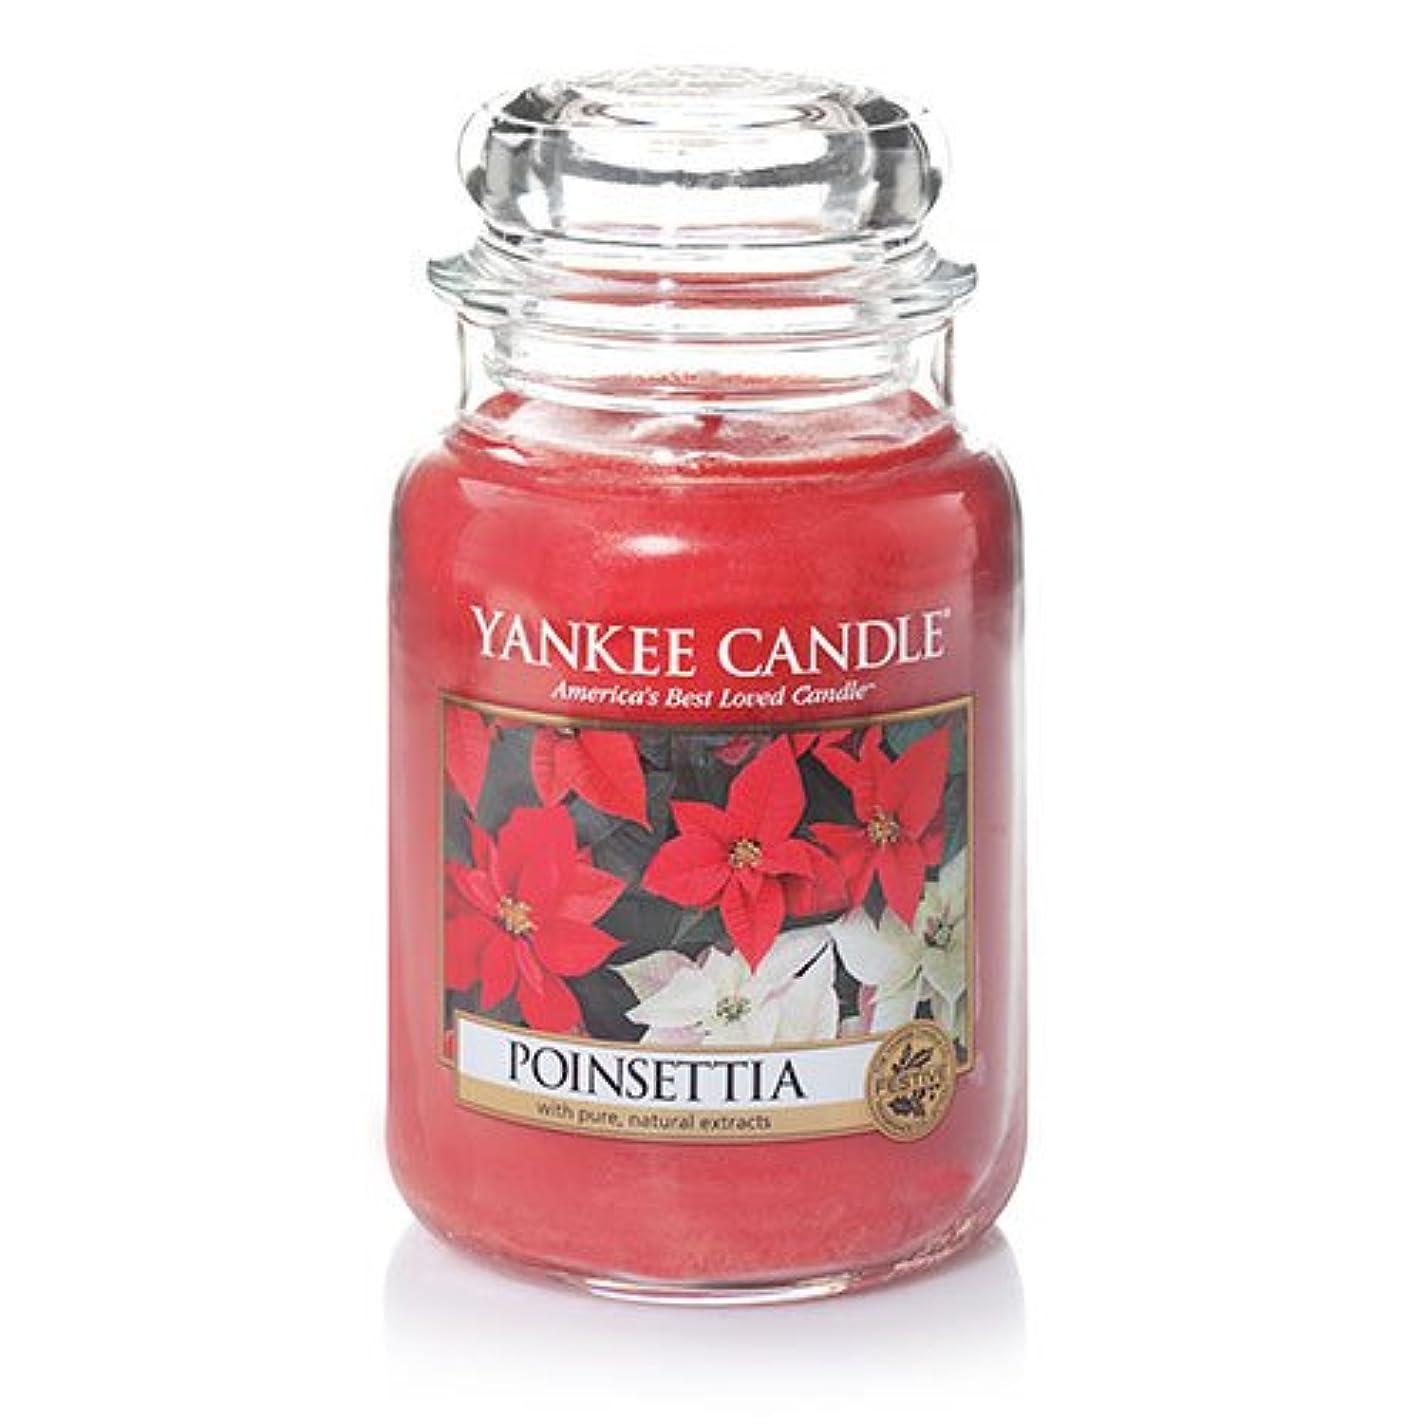 帝国主義勘違いする裸YankeeキャンドルポインセチアLarge Jar Candle、新鮮な香り